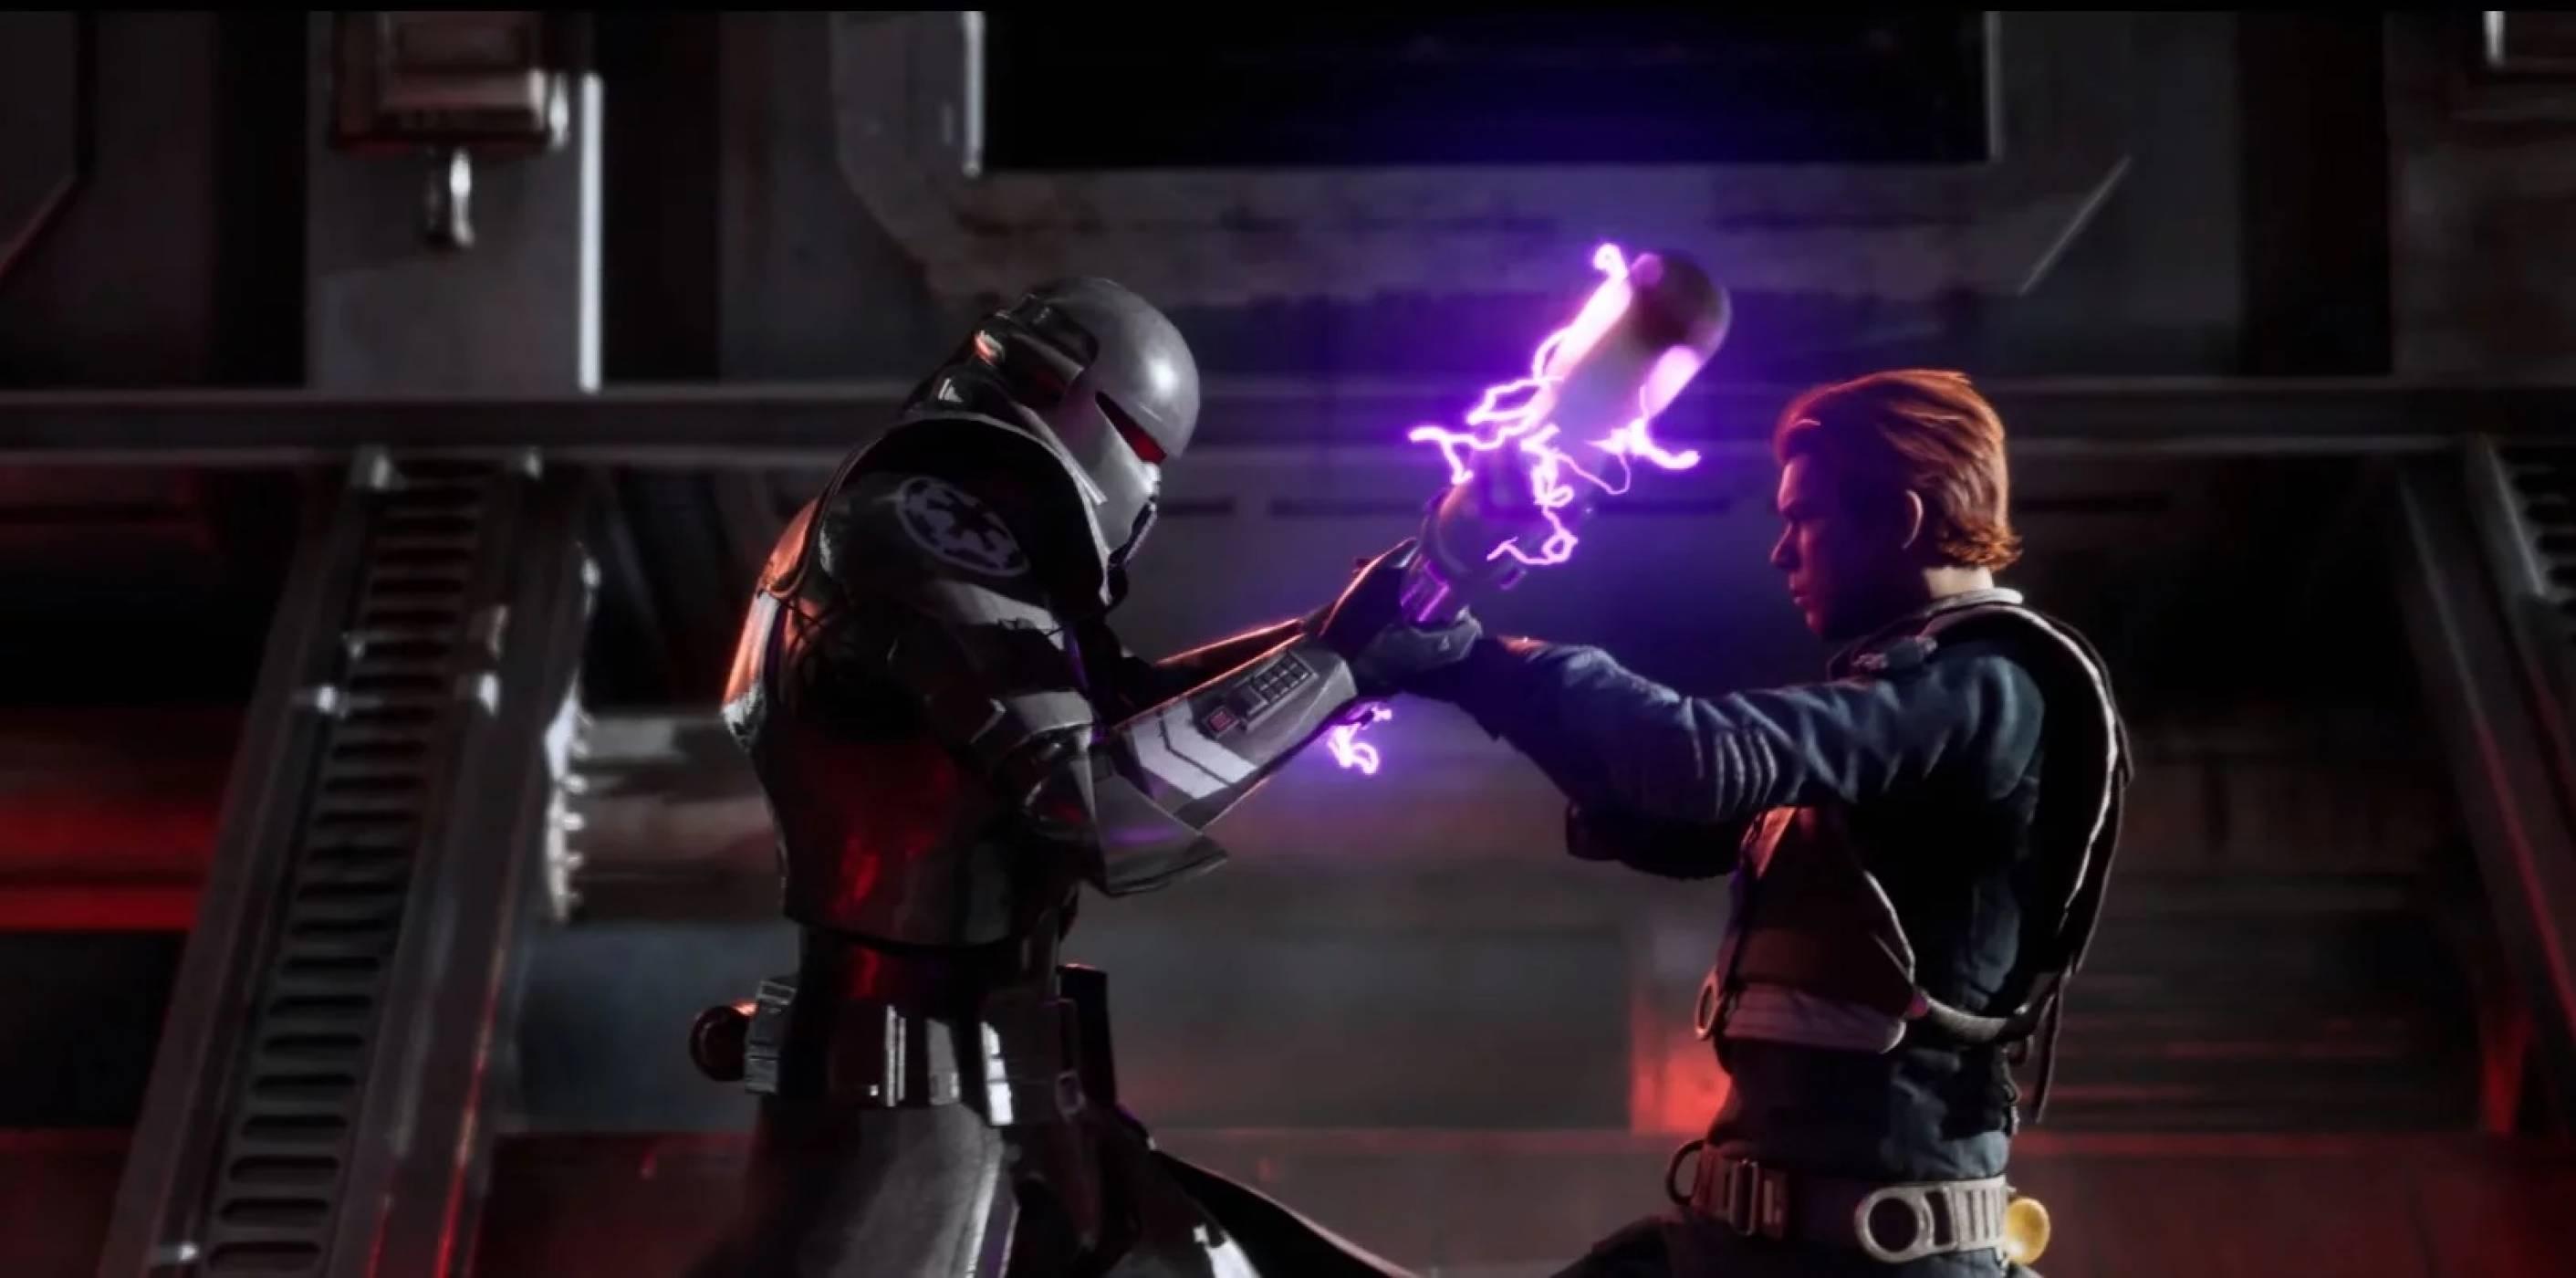 Епичен дебютен трейлър на Star Wars Jedi: Fallen Order (ВИДЕО)